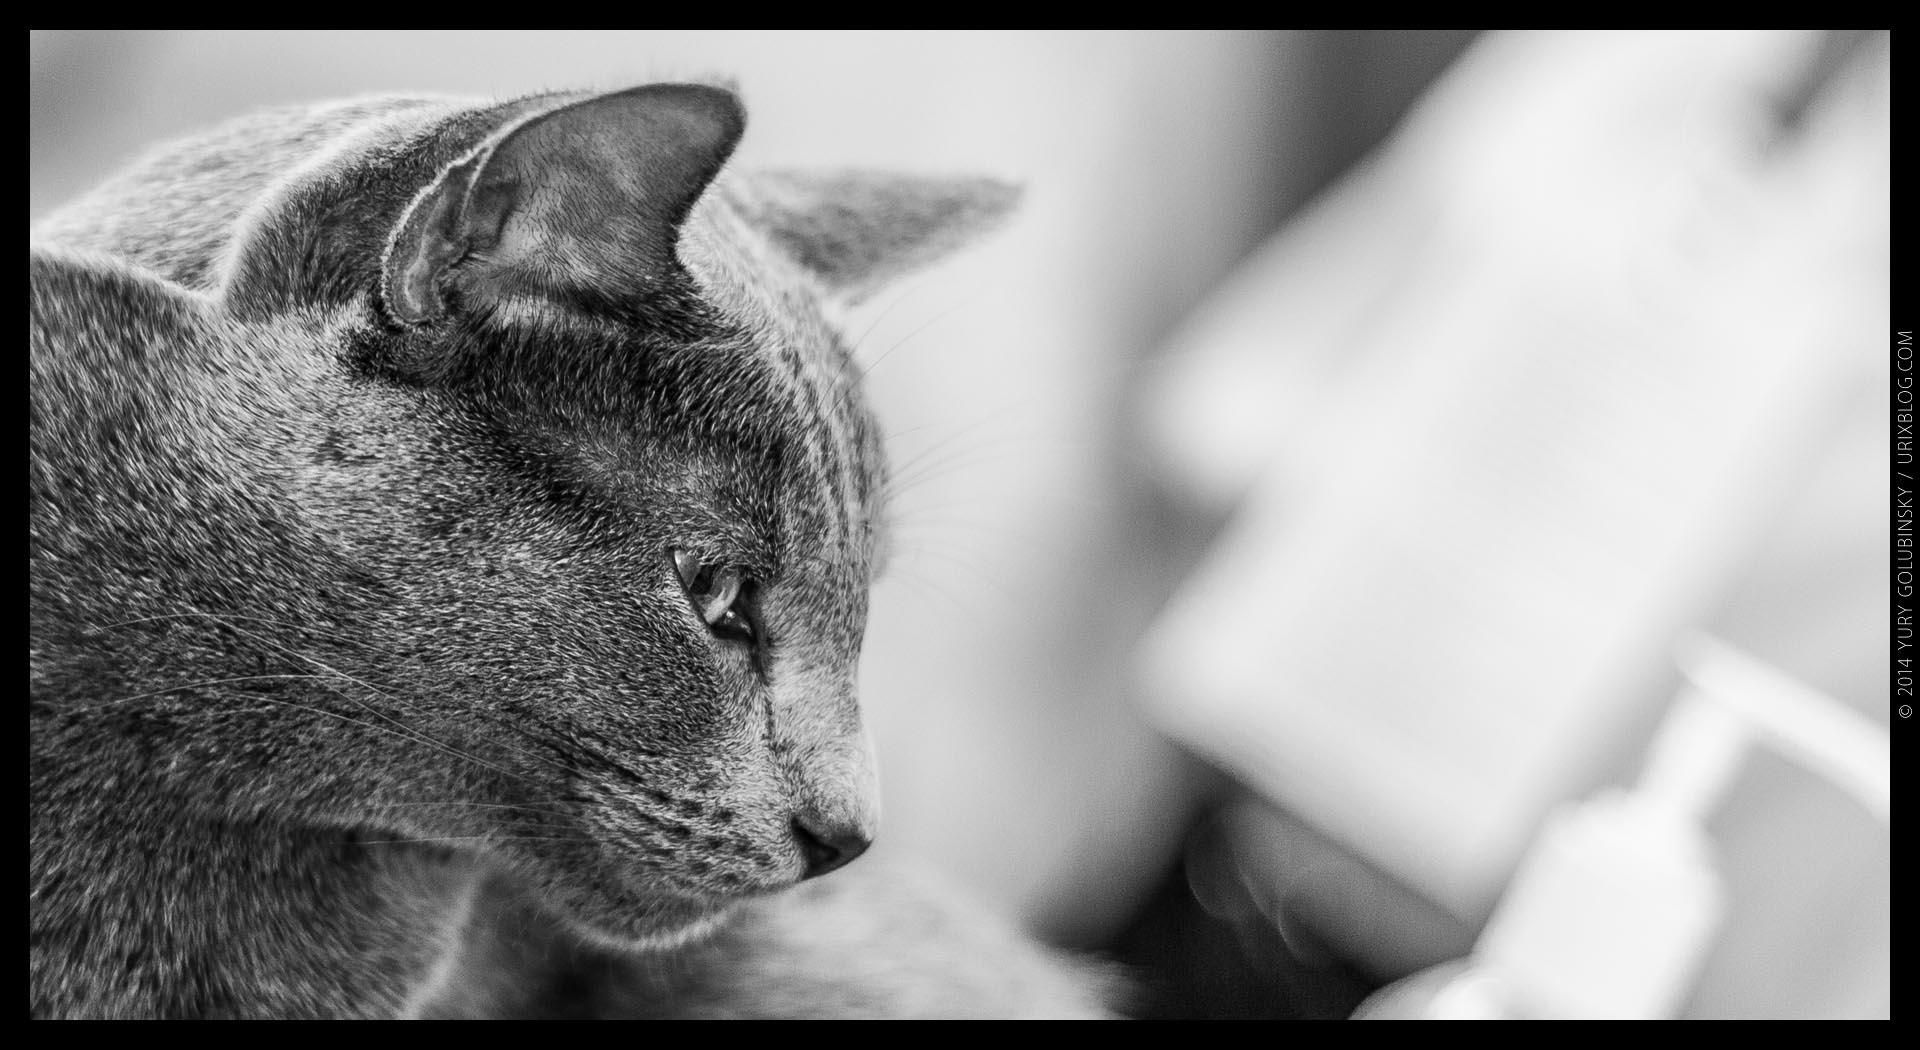 2014, выставка ИнфоКот, кот, котик, кошка, ЧБ, чёрно-белое, панорама, Москва, Россия